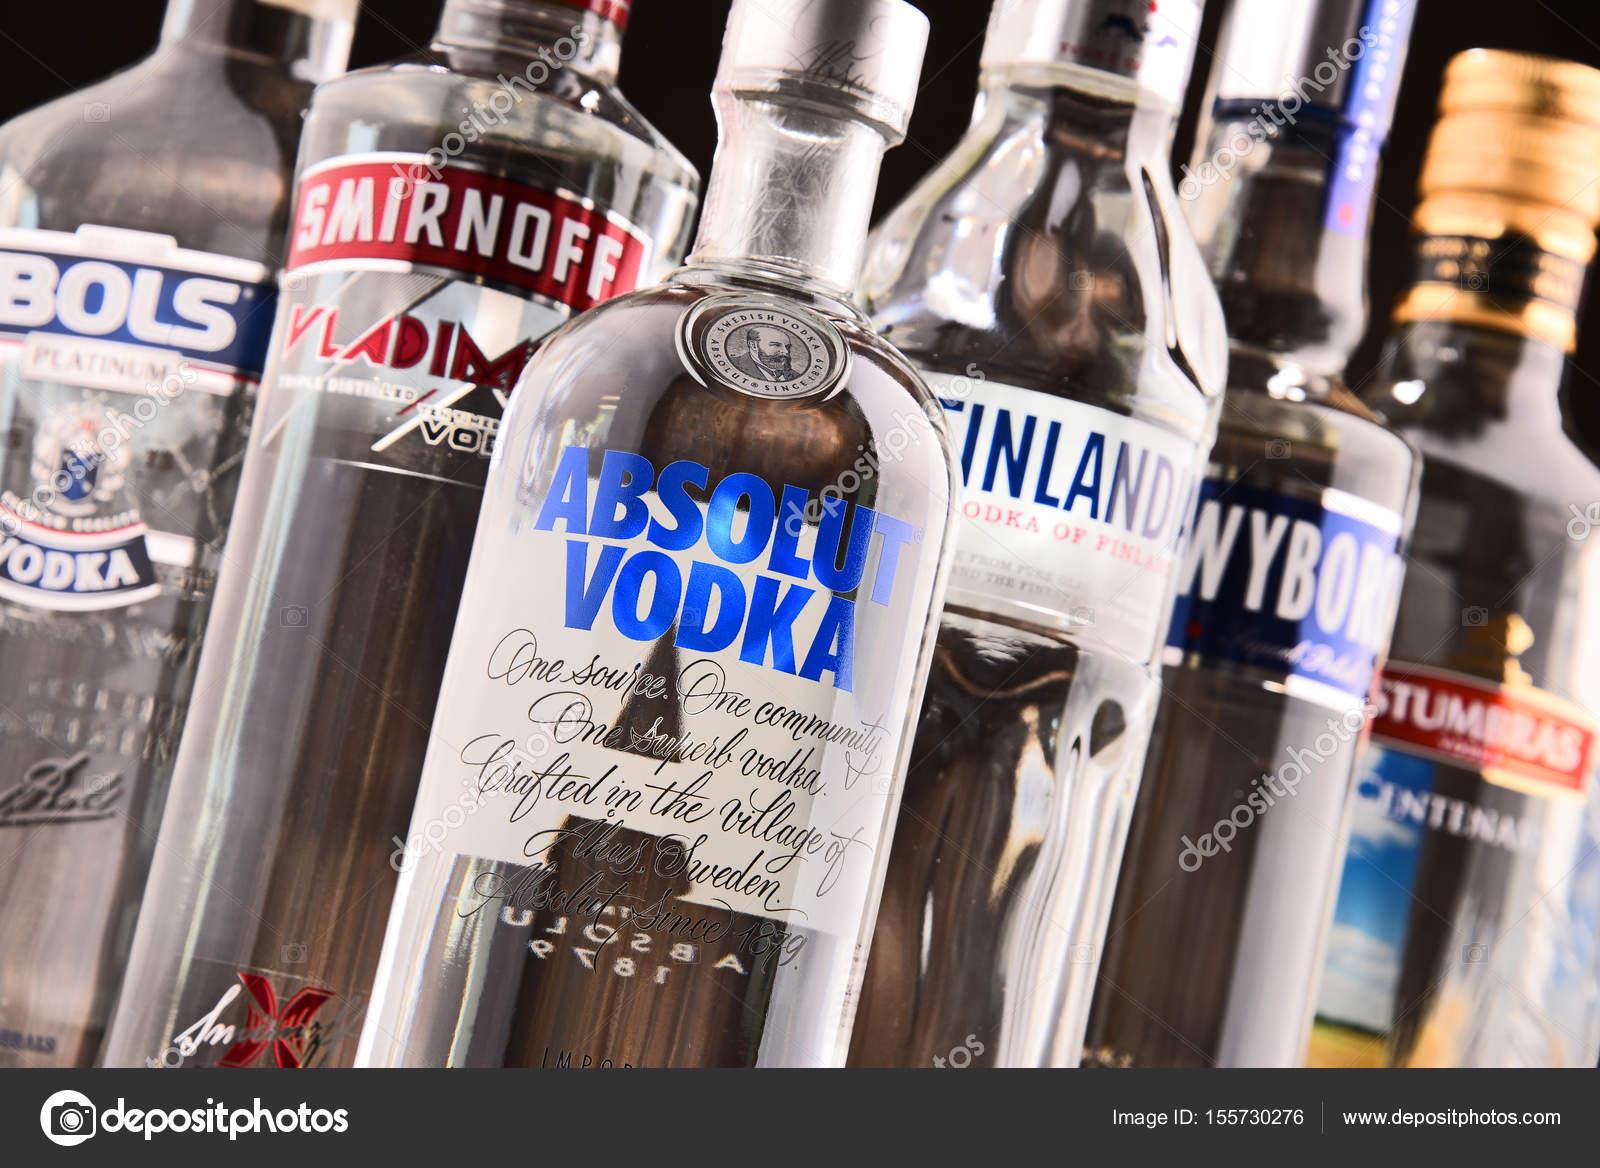 composition avec bouteilles de vodka global marques photo ditoriale monticello 155730276. Black Bedroom Furniture Sets. Home Design Ideas